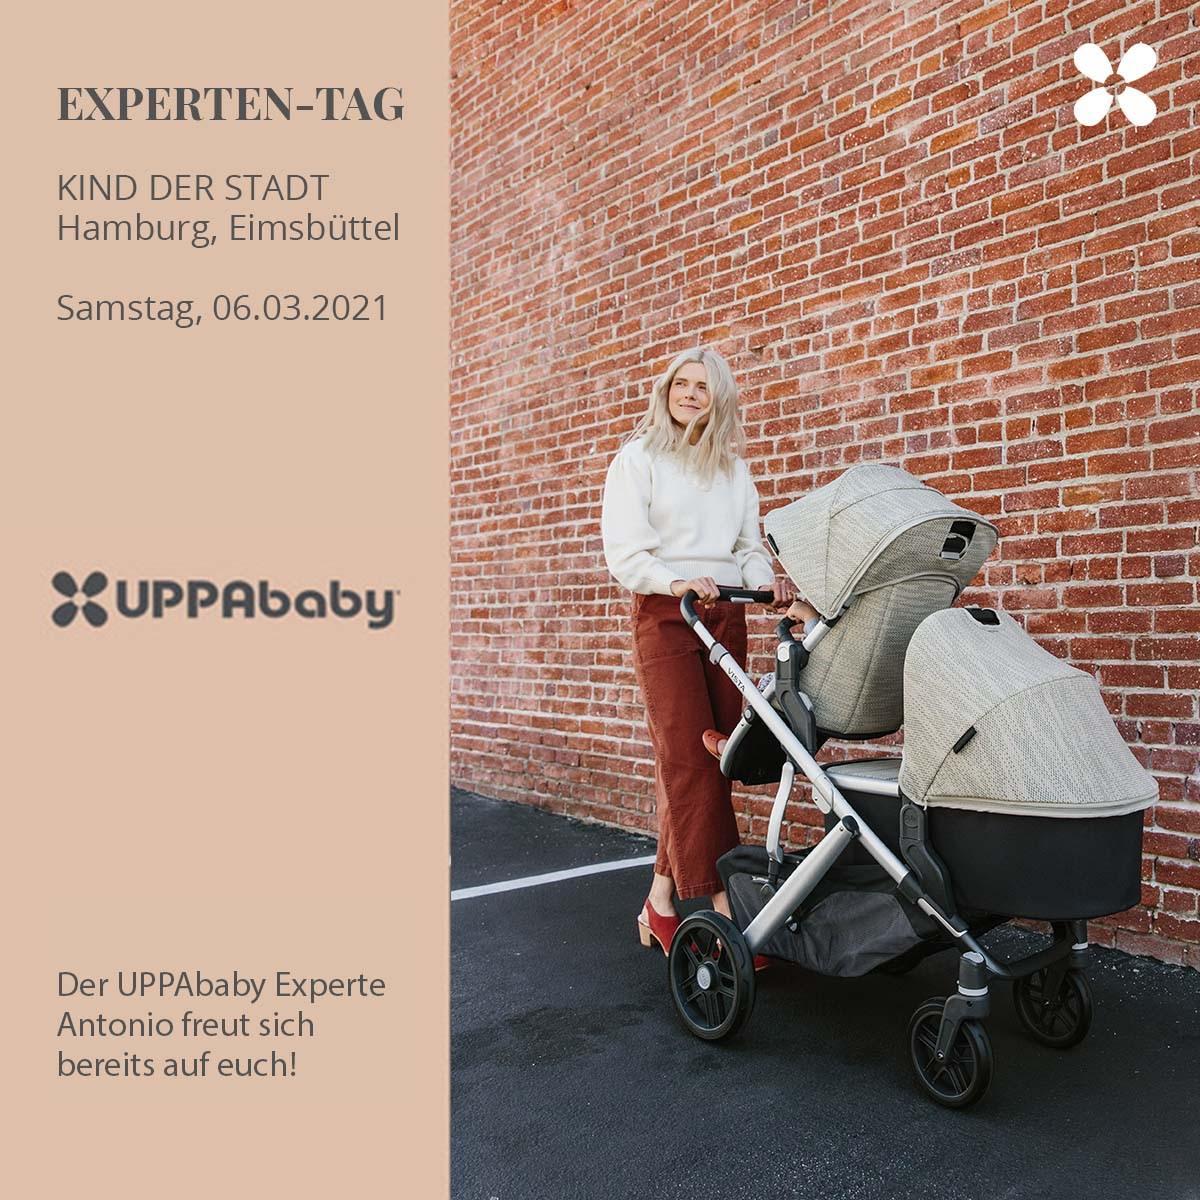 UPPABABY Experten-Tag bei KIND DER STADT Hamburg